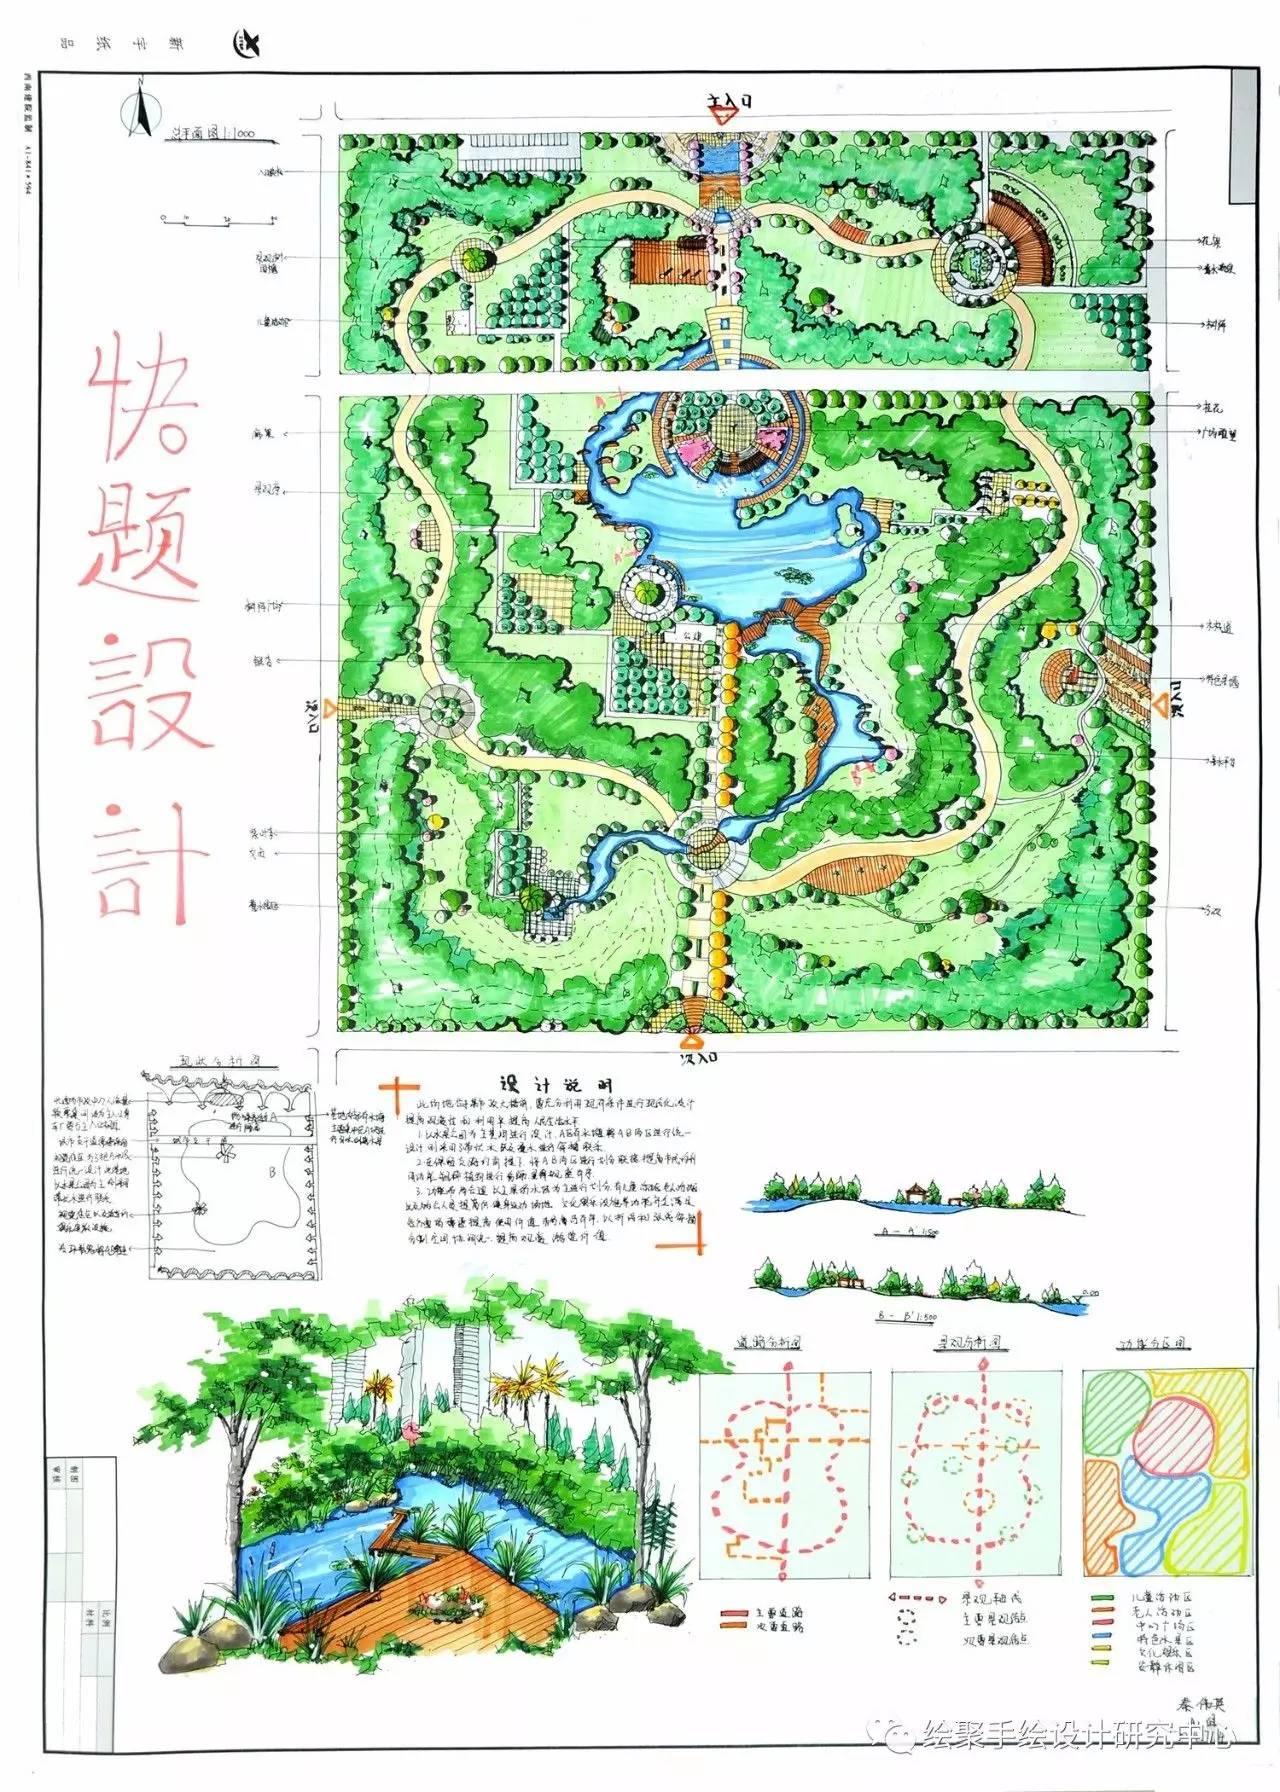 day 13 大型绿地景观方案设计训练 day 14 专题十二:滨水景观基本知识